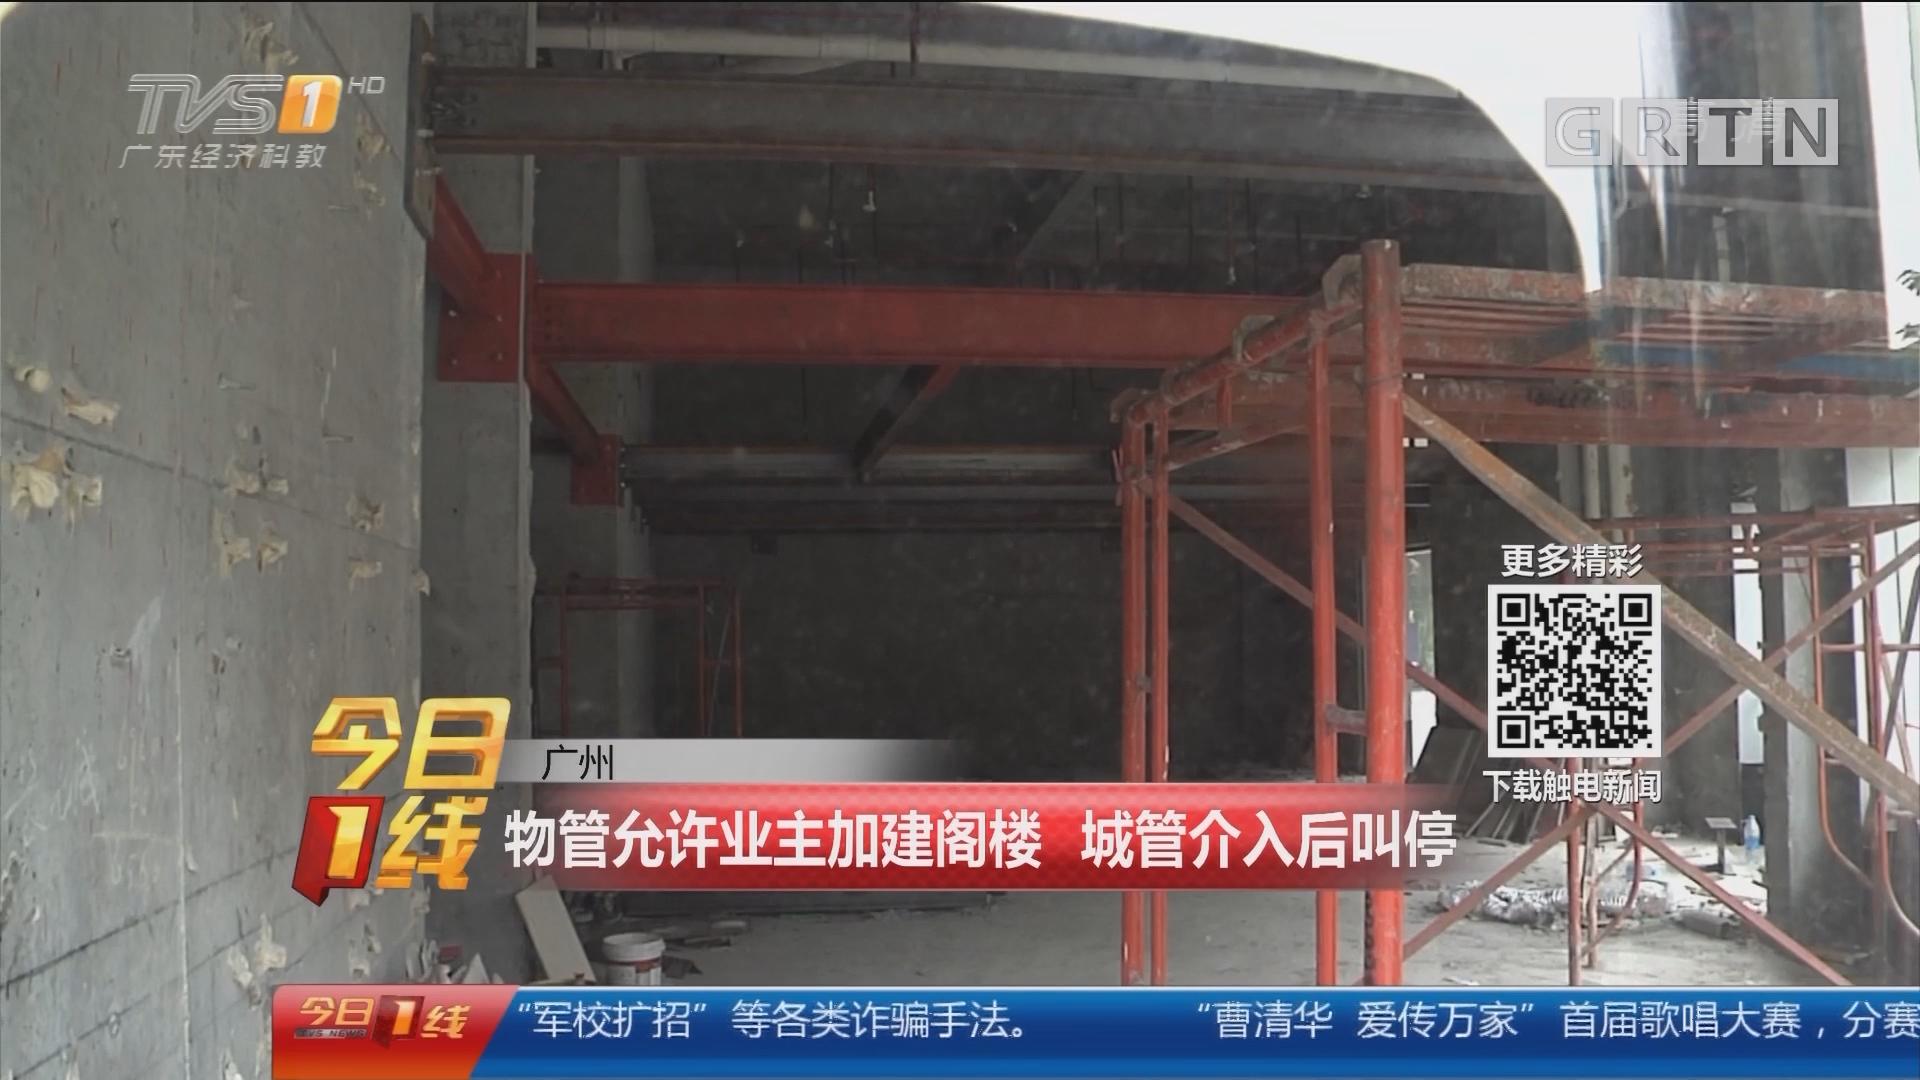 广州:物管允许业主加建阁楼 城管介入后叫停